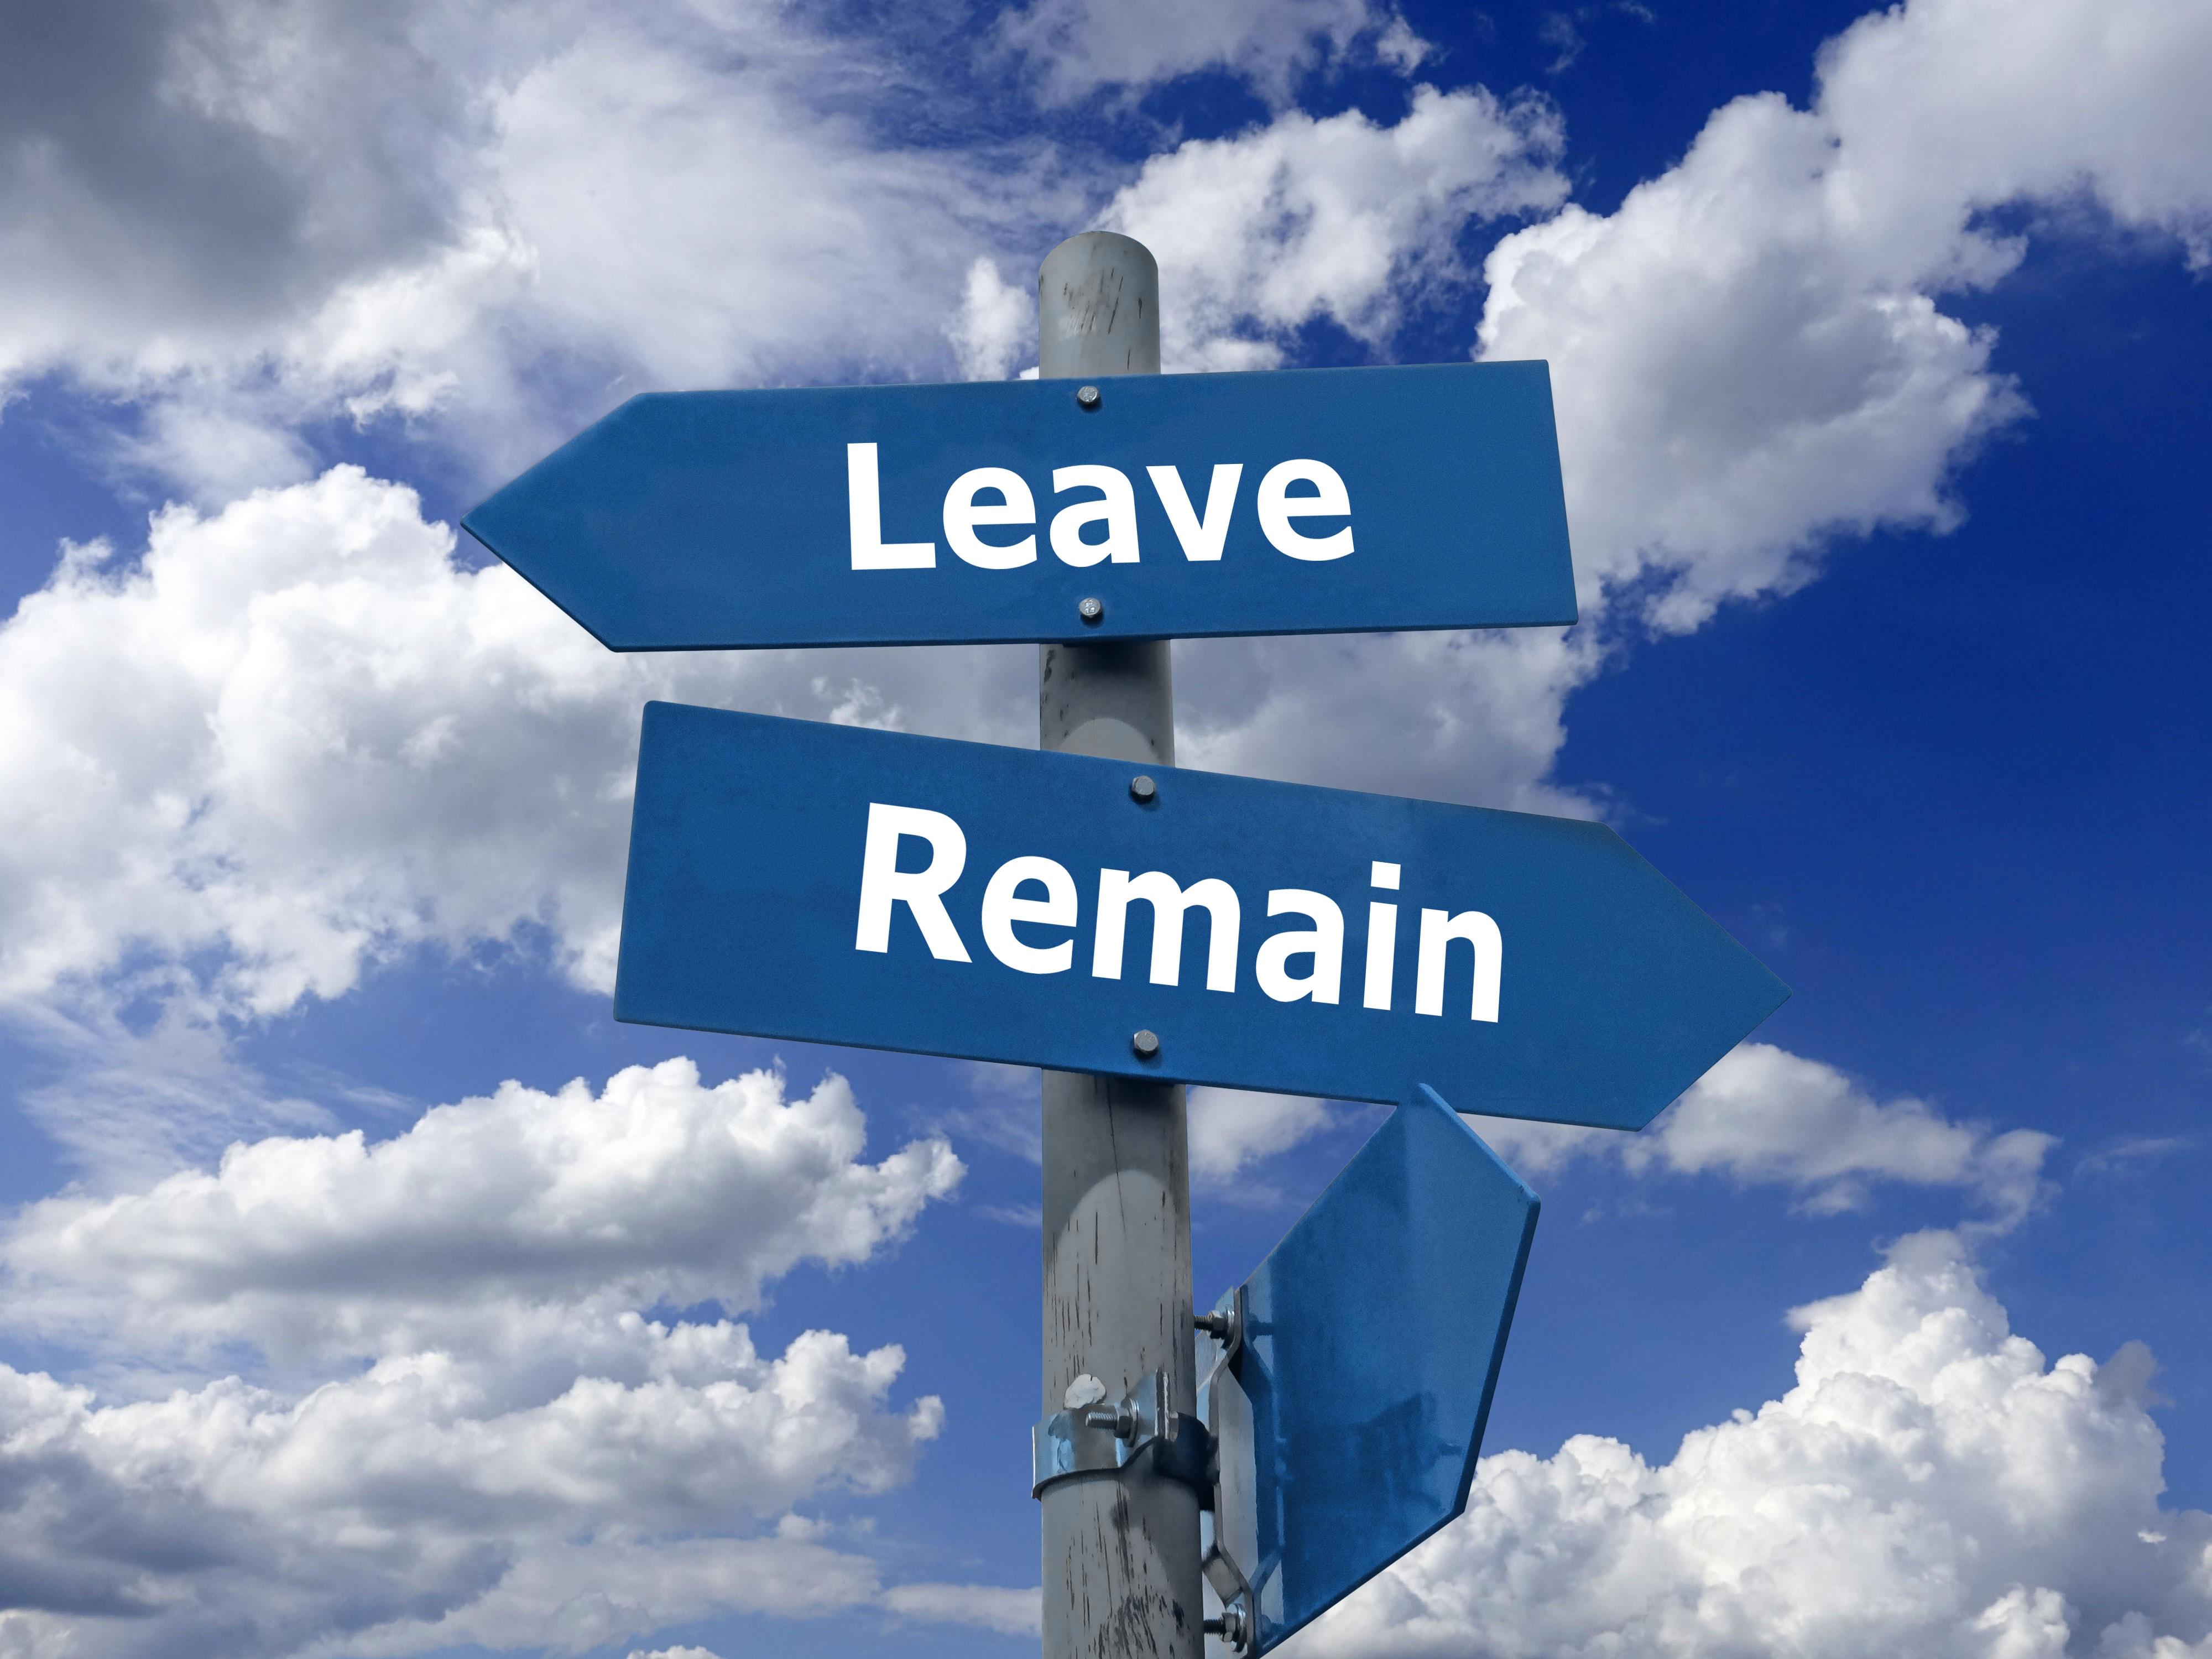 """Wegweiser vor blauem, leicht bewölktem Himmel, einer in Richtung """"Remain"""", einer in Richtung """"Leave"""", Hinweis für """"raus aus der Essstörung"""""""